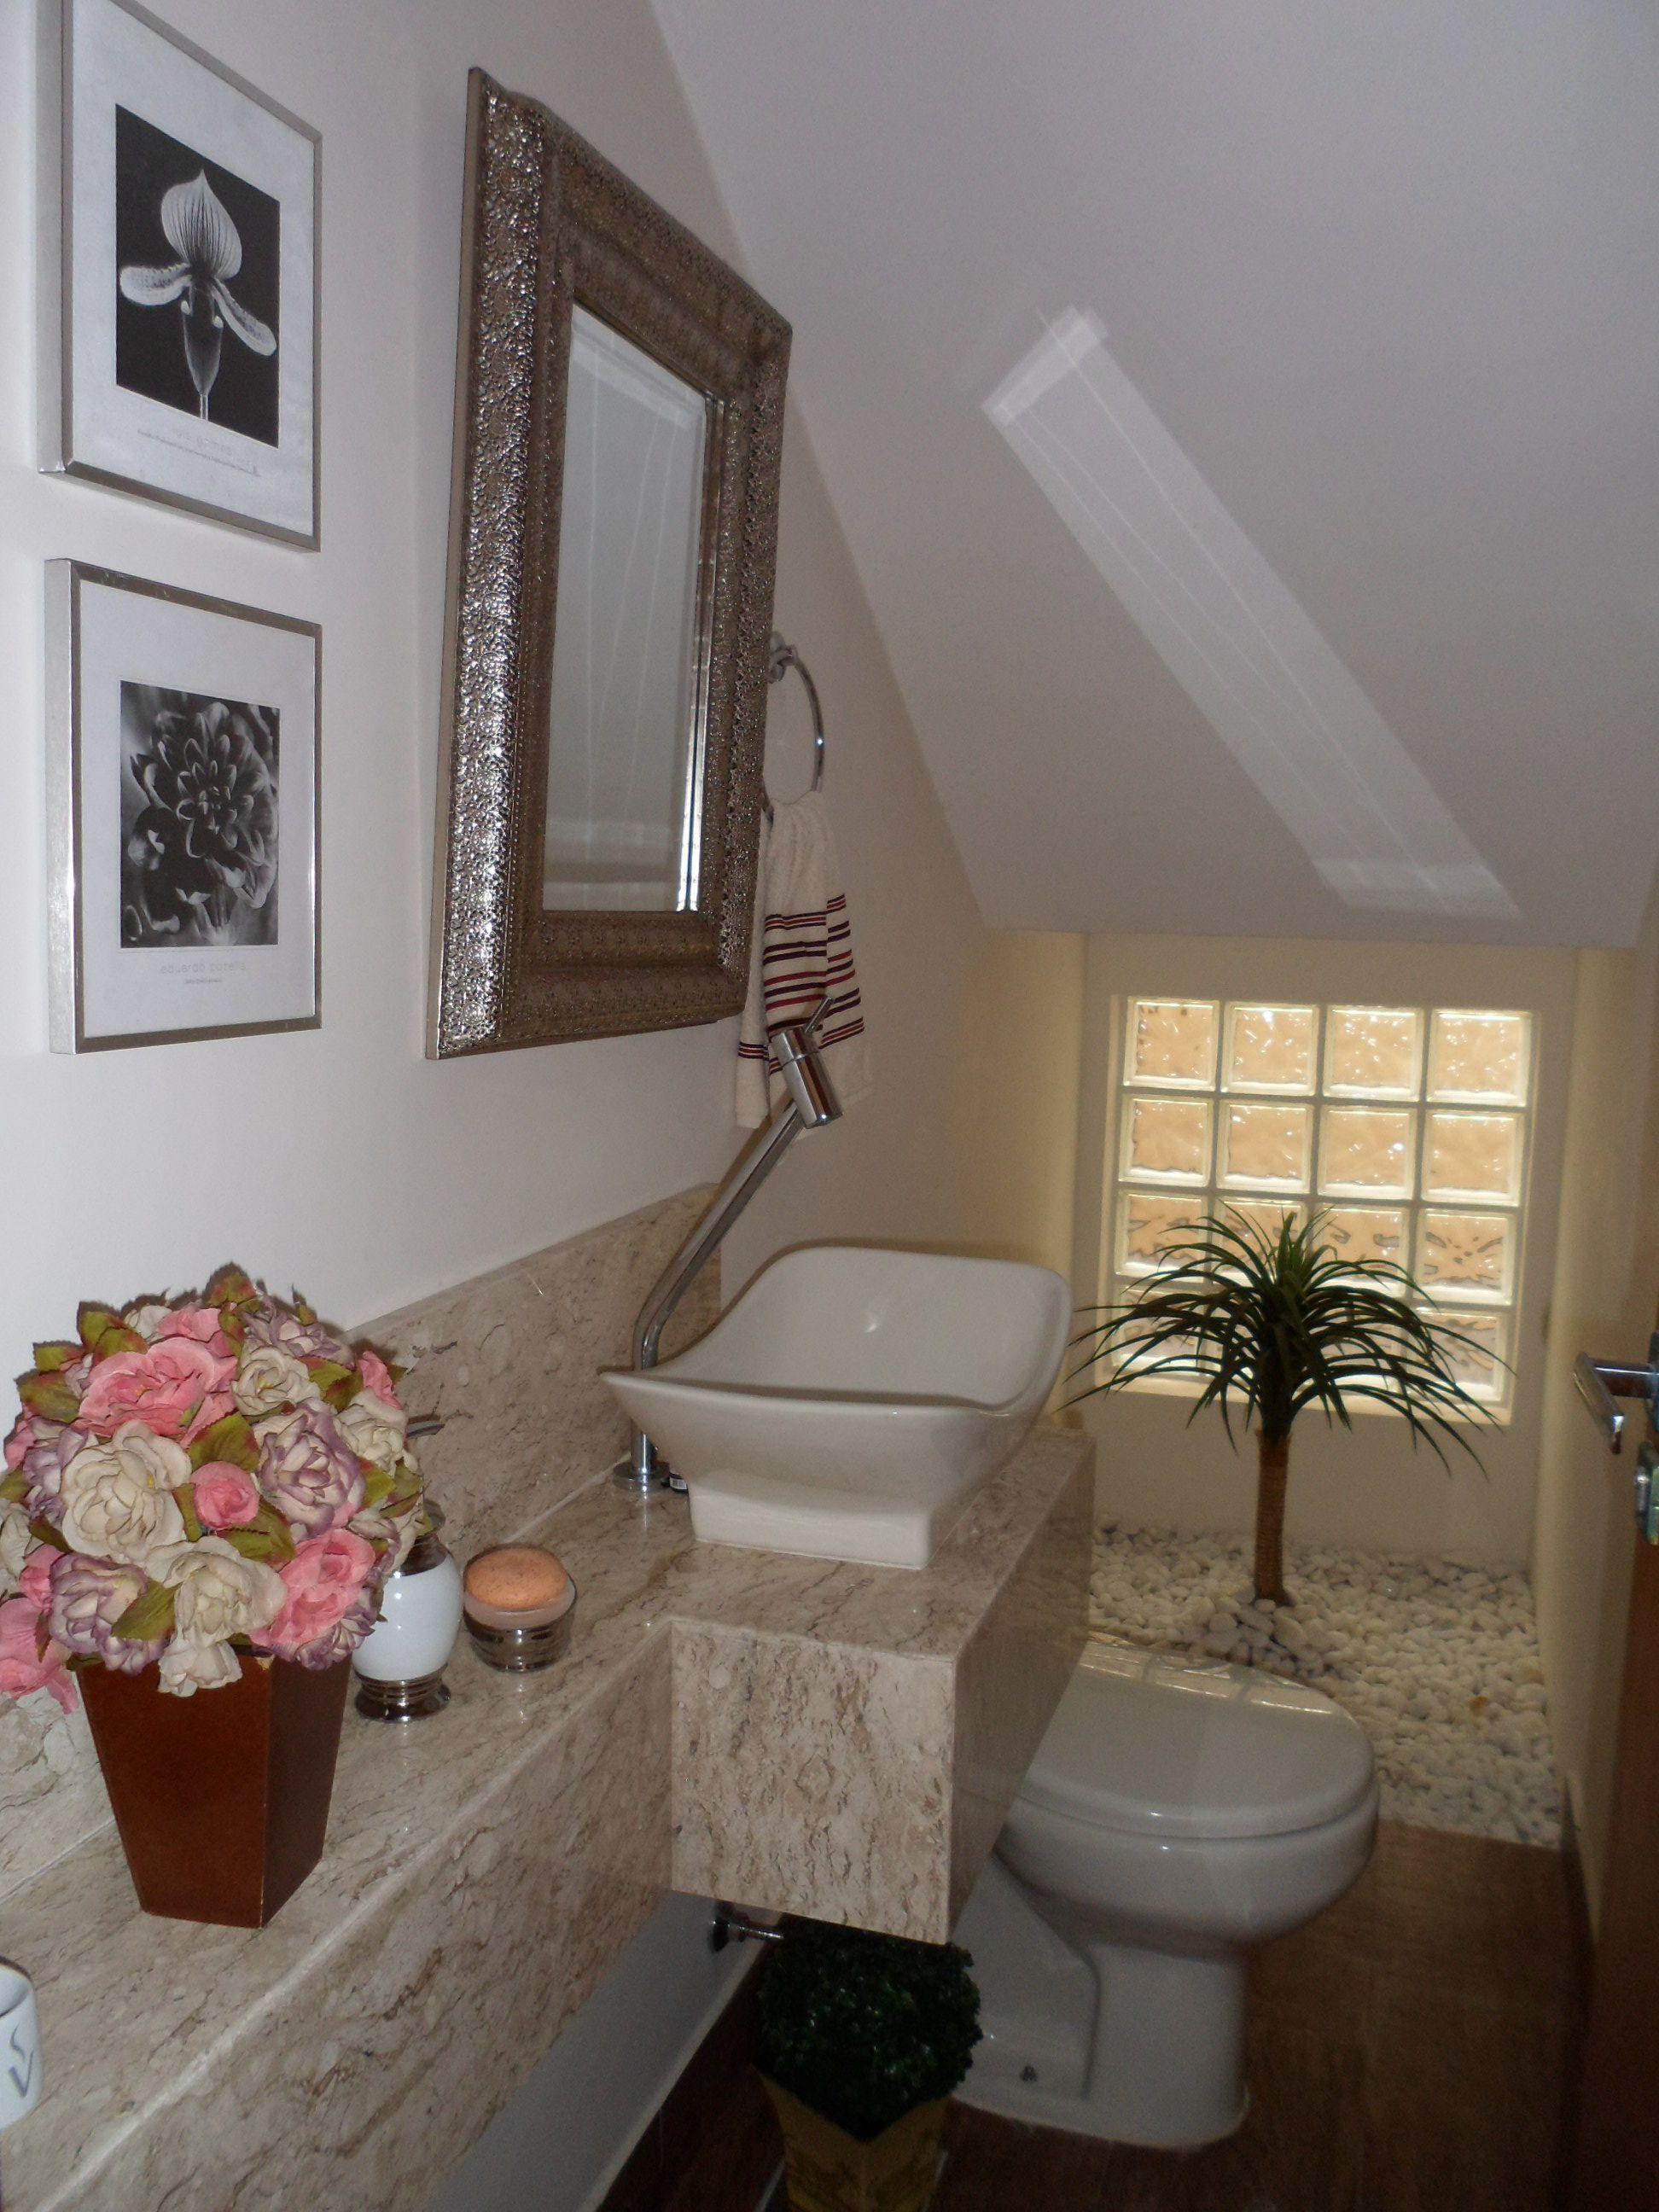 Lavabo embaixo da escada por Alicina de Souza  Projetos de Alicina de Souza  # Banheiro Pequeno Embaixo De Escada